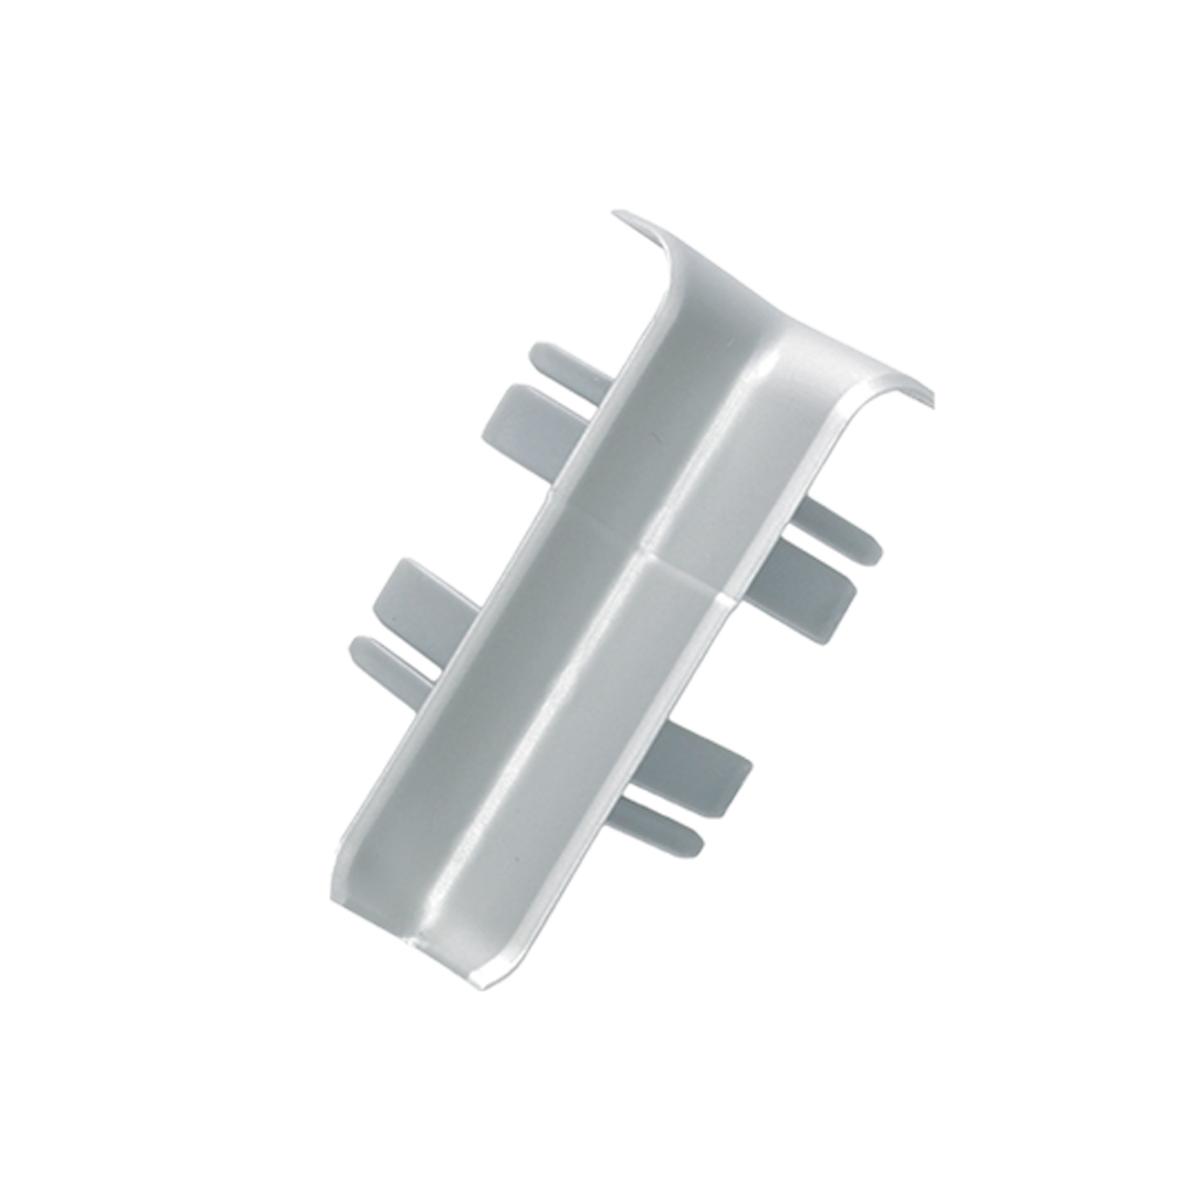 Battiscopa Accessori BII 800 Profilitec